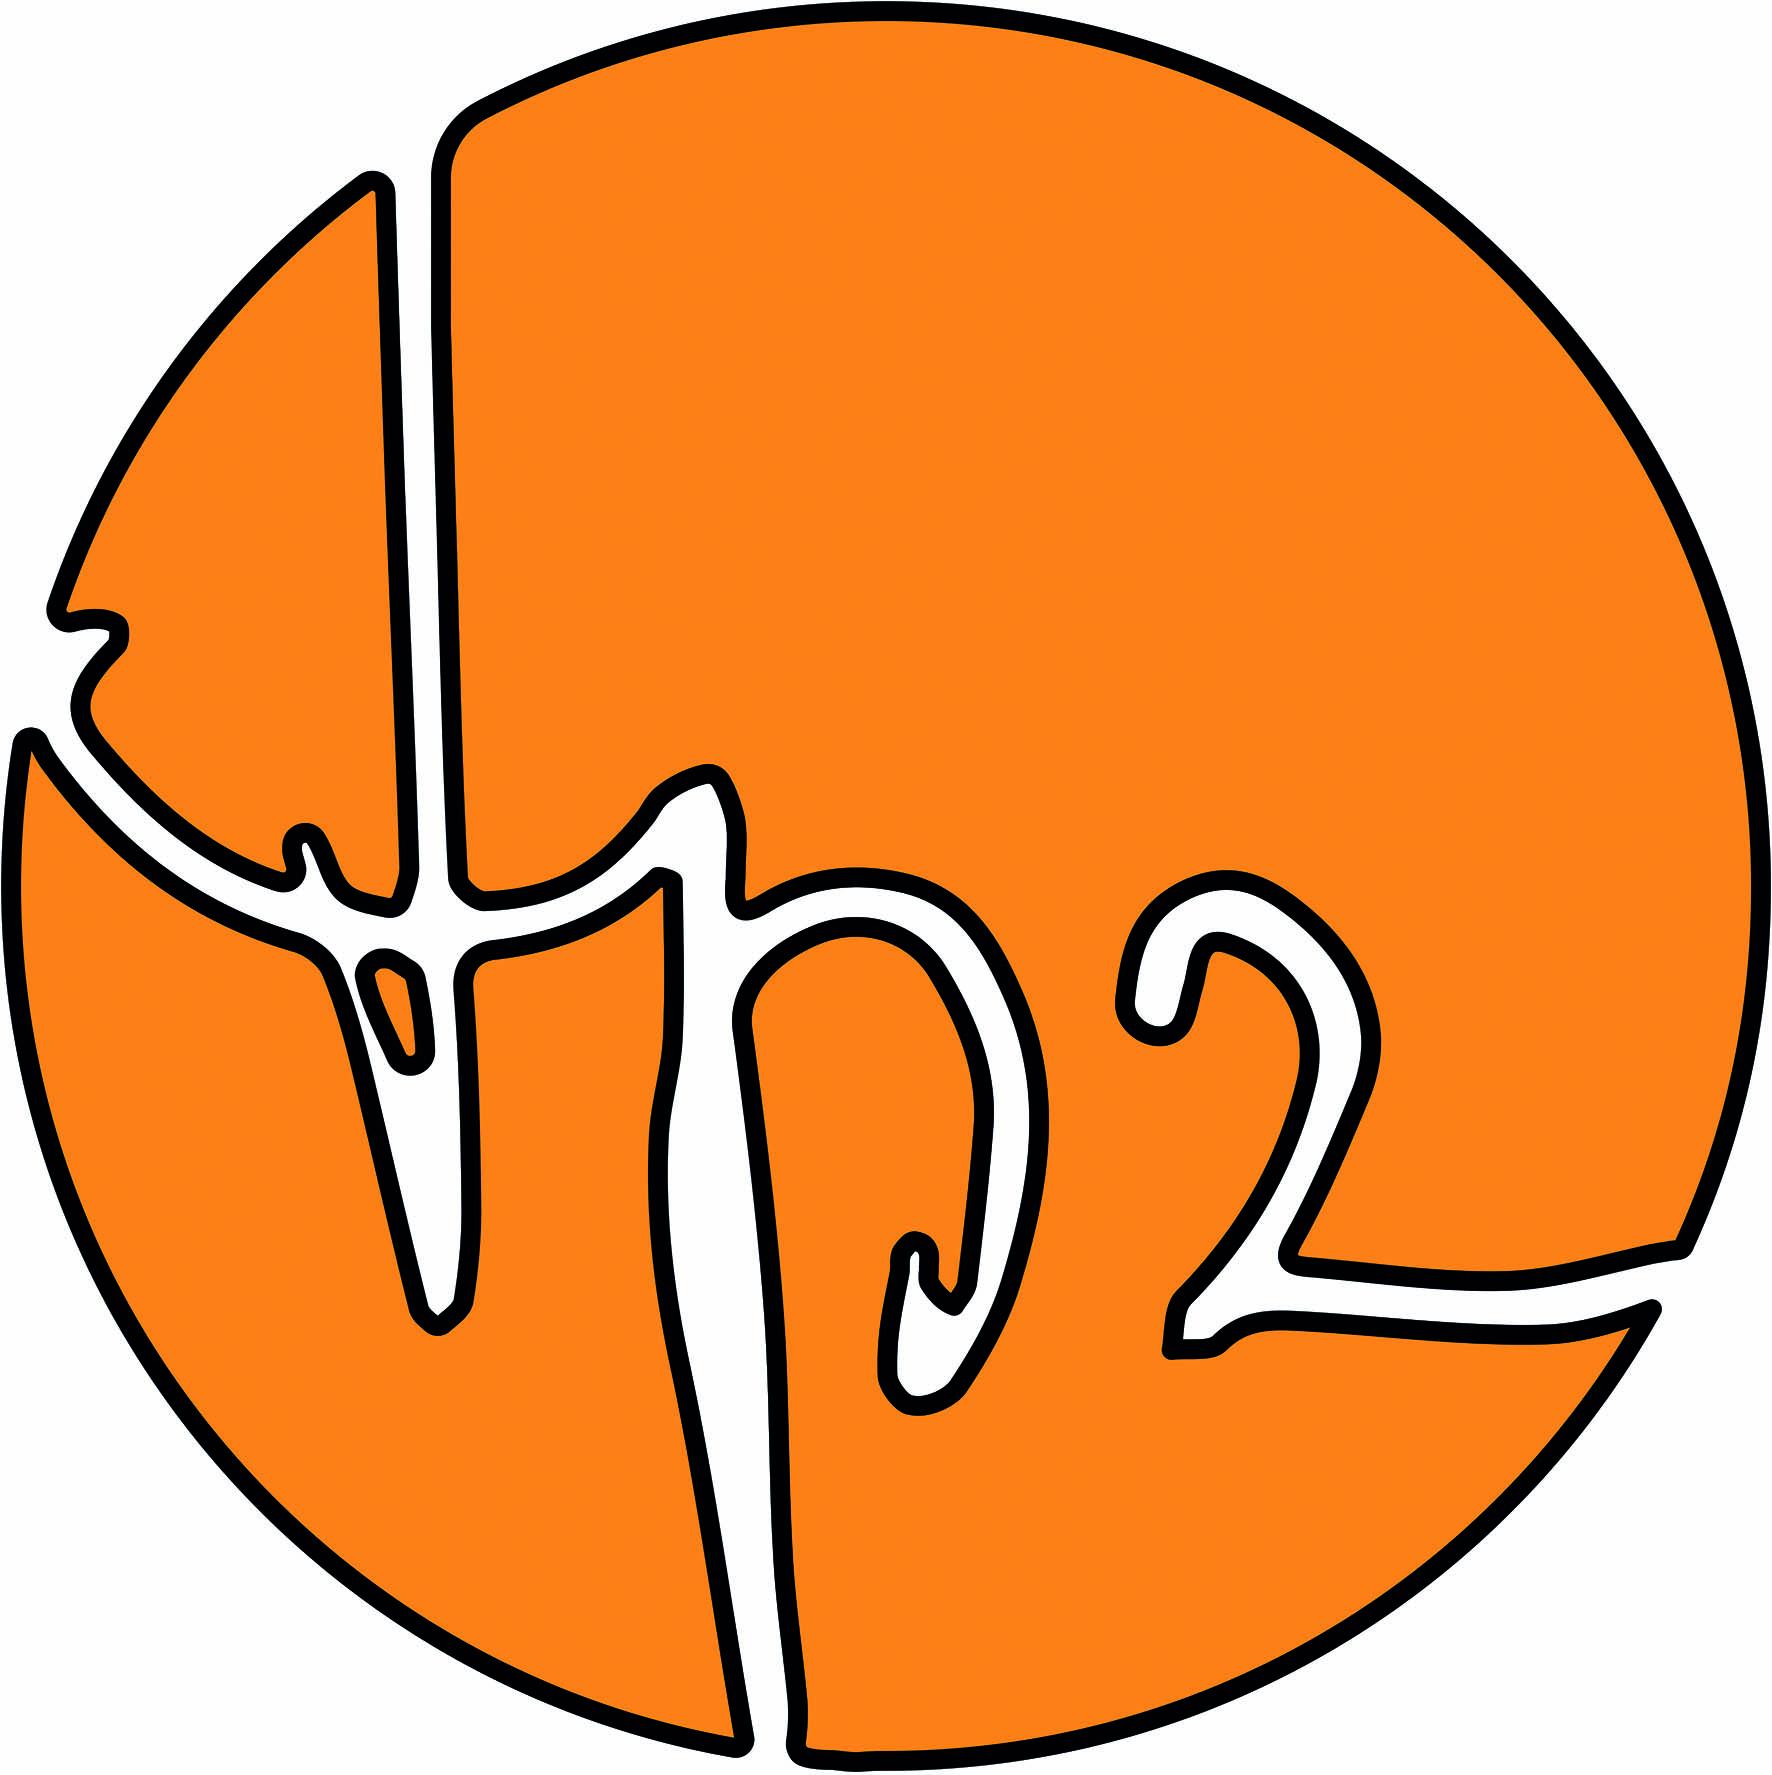 2018 tpz Logo klein.jpg